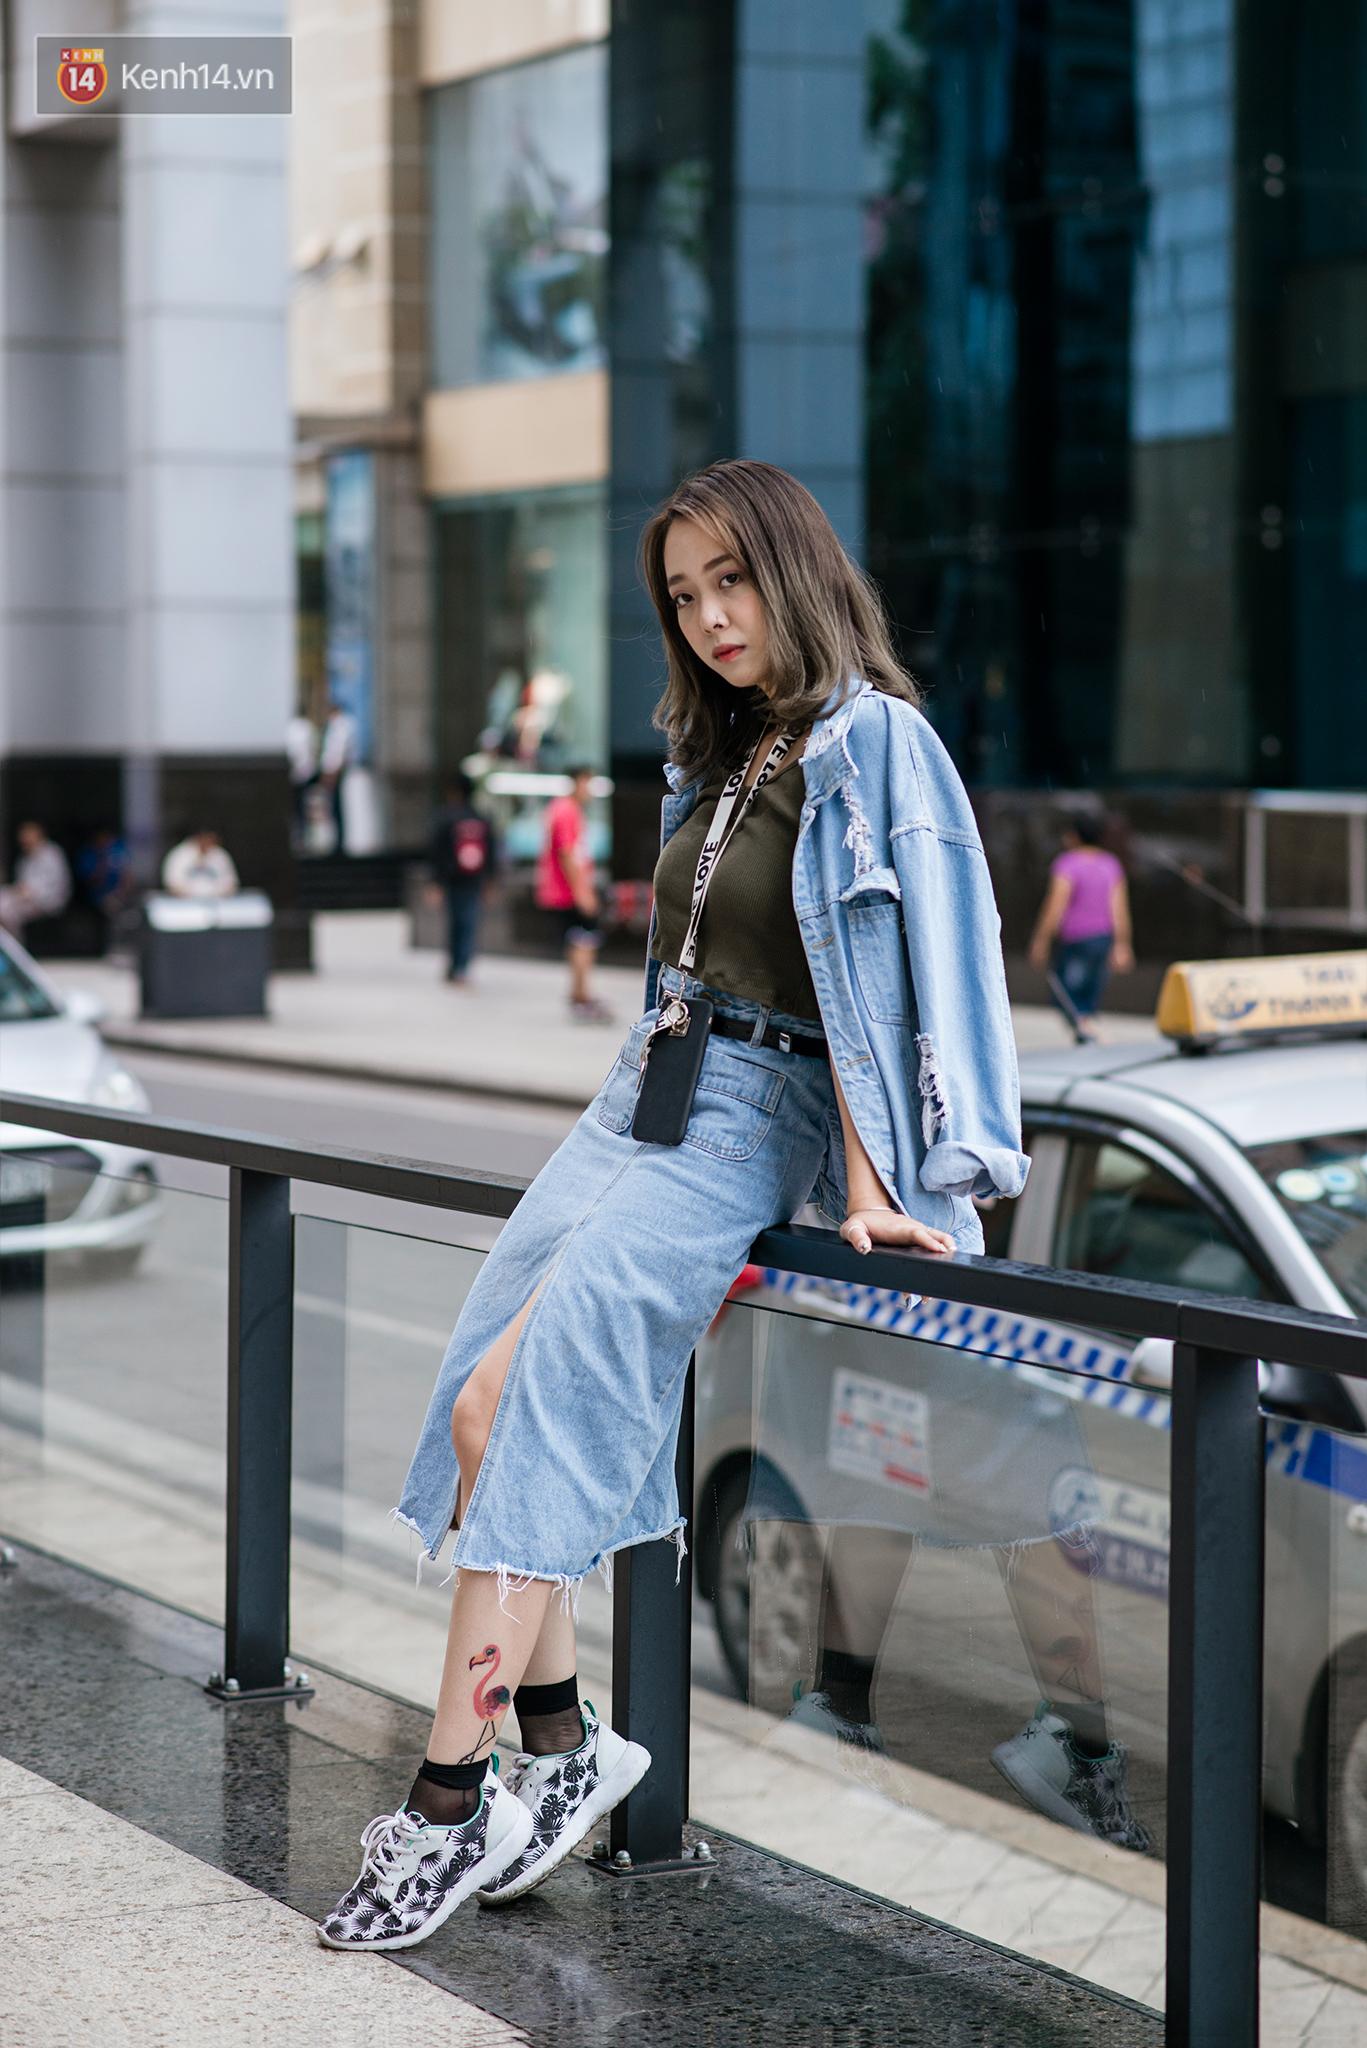 Cứ bảo style giấu quần xưa rồi nhưng giới trẻ Việt vẫn diện ầm ầm, và trông vẫn cool hết nấc - Ảnh 15.